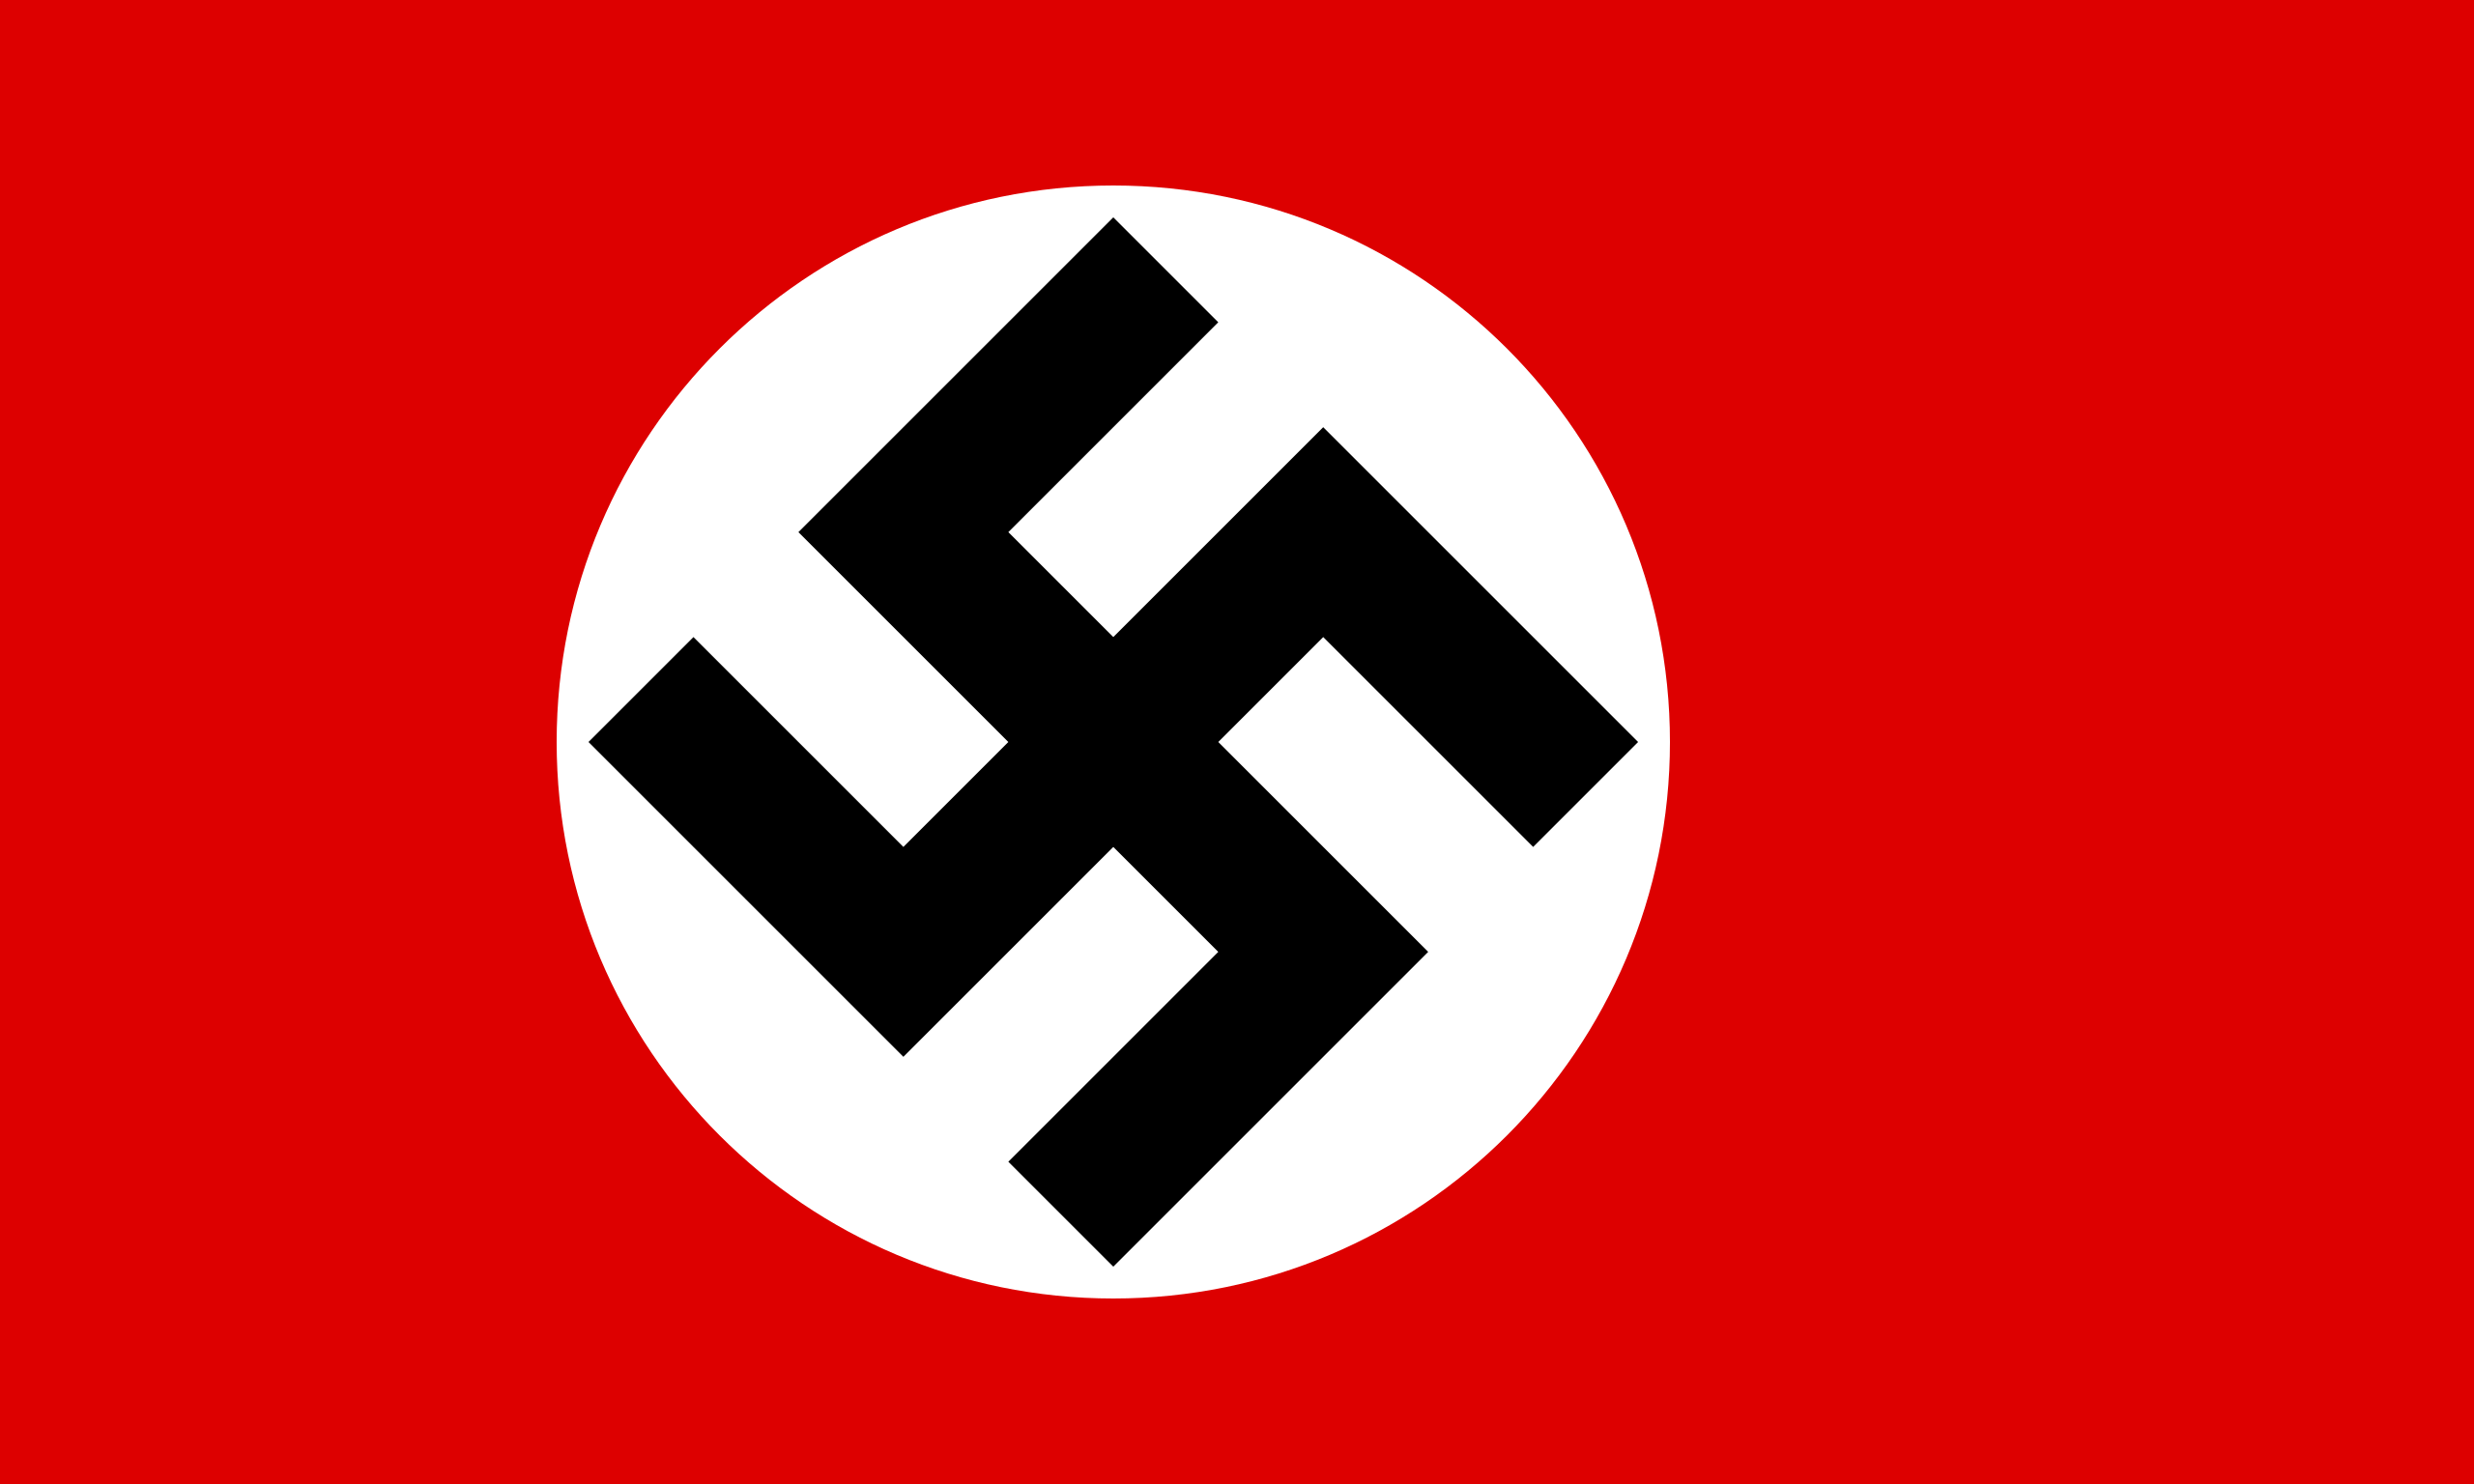 bandera-de-alemania-nazi